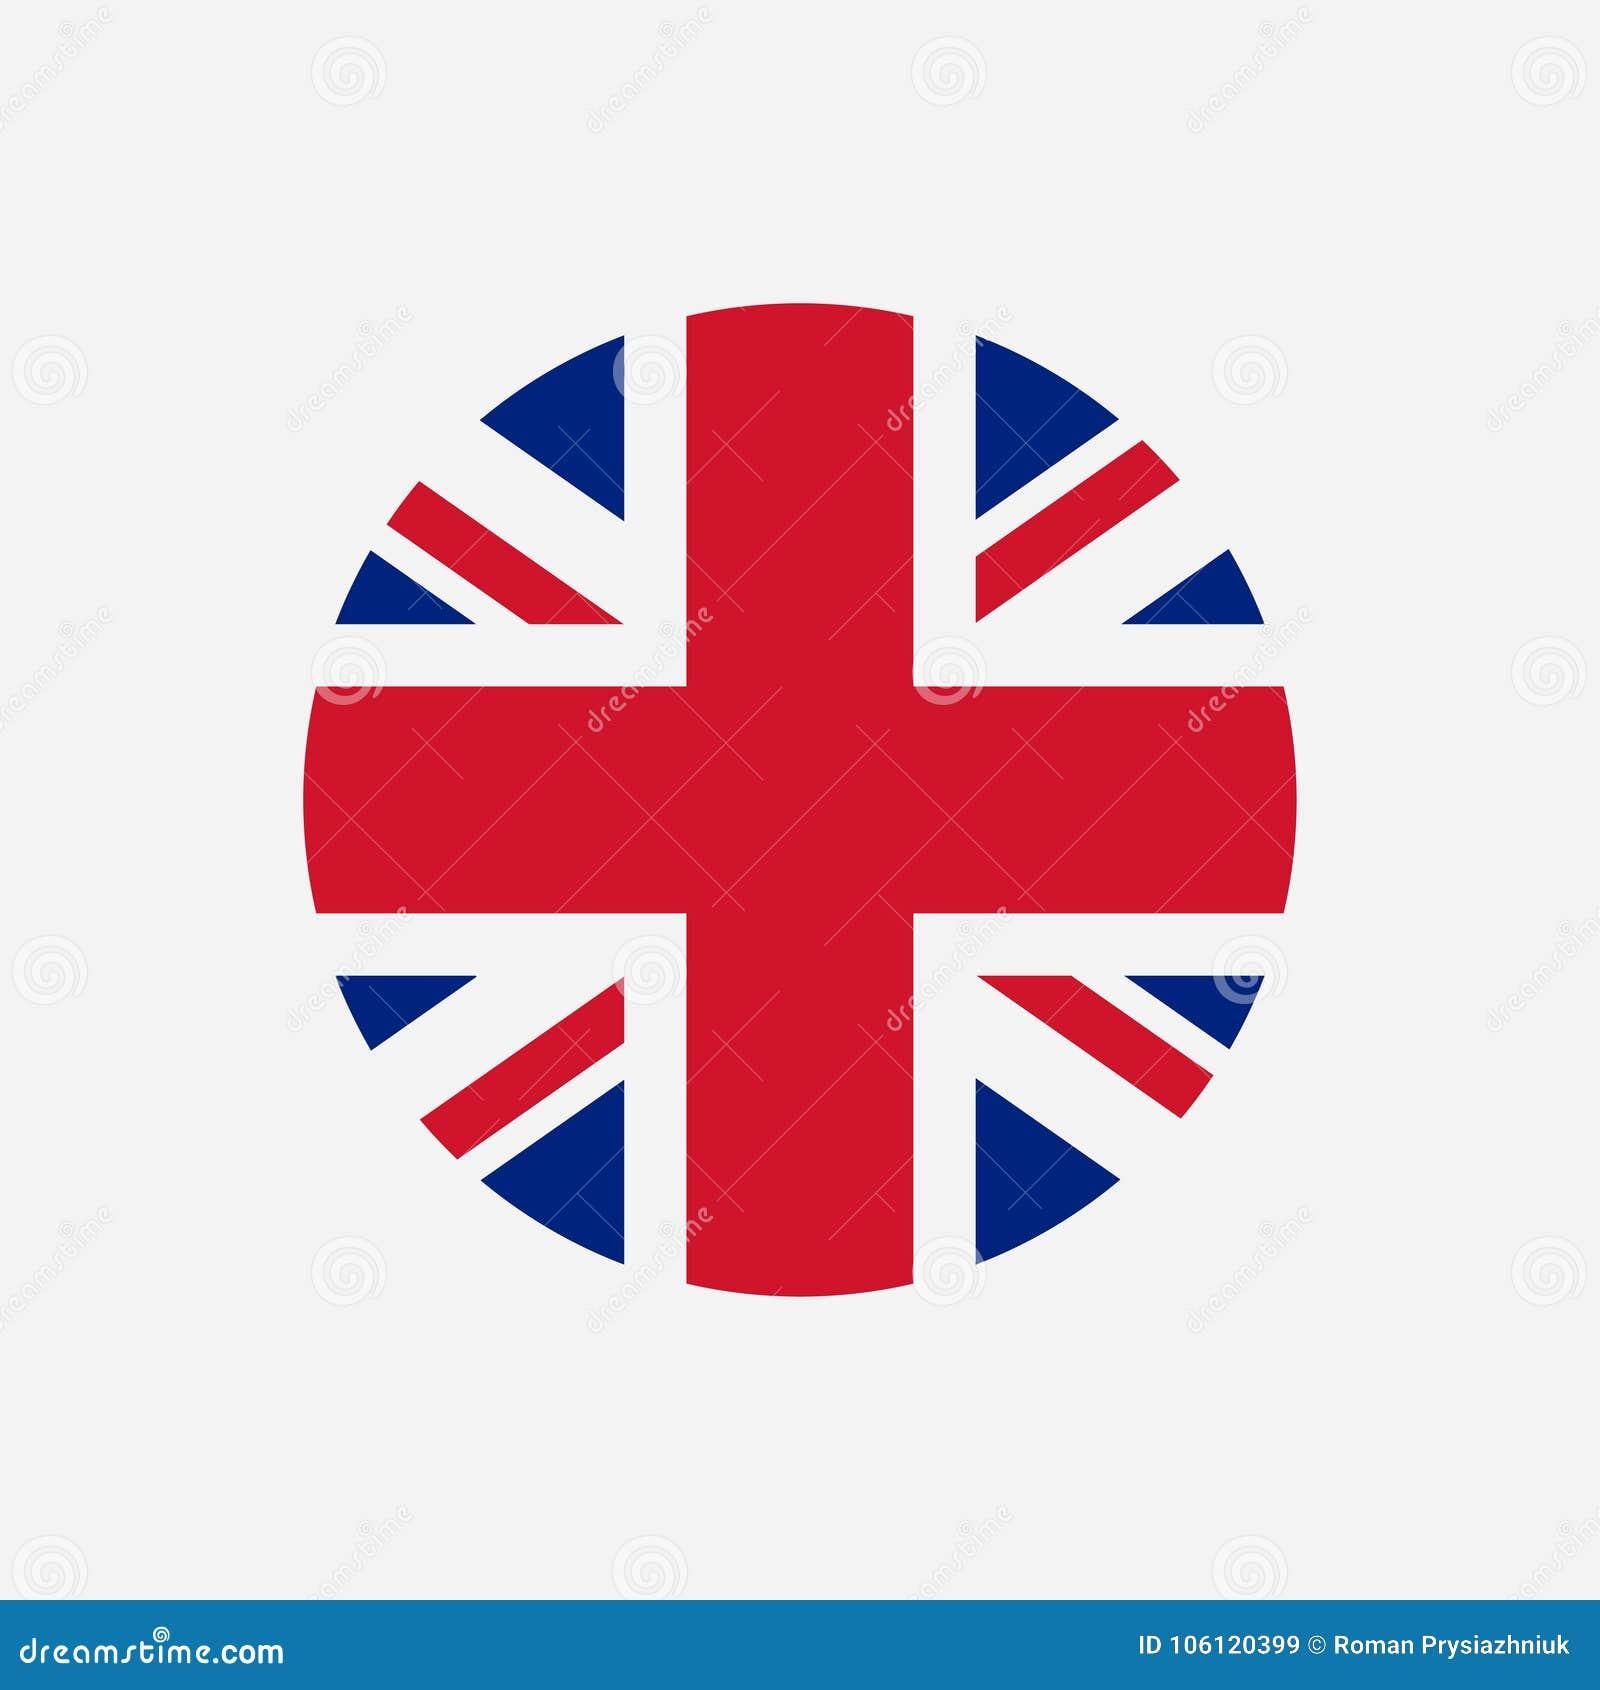 Bandiera della Gran Bretagna Logo rotondo di Union Jack Icona del cerchio della bandiera del Regno Unito Vettore